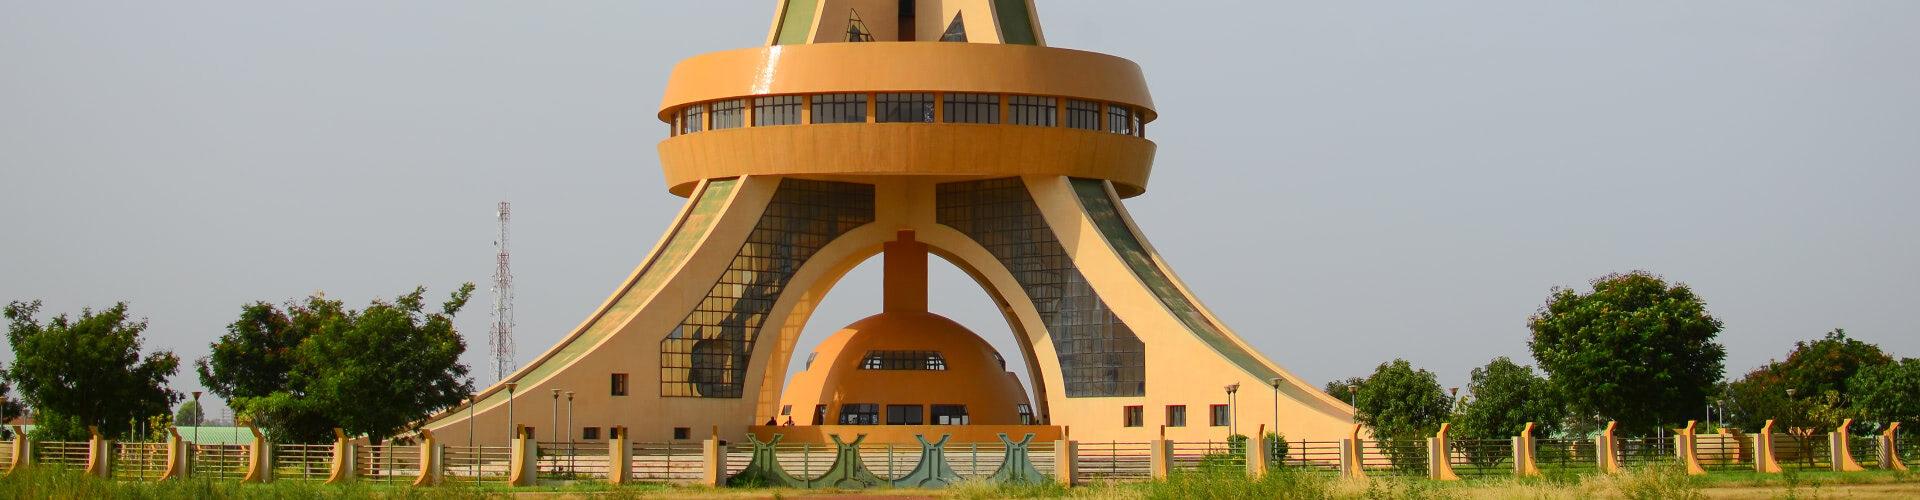 Monument des Martyrs Ouagadougou Burkina Faso